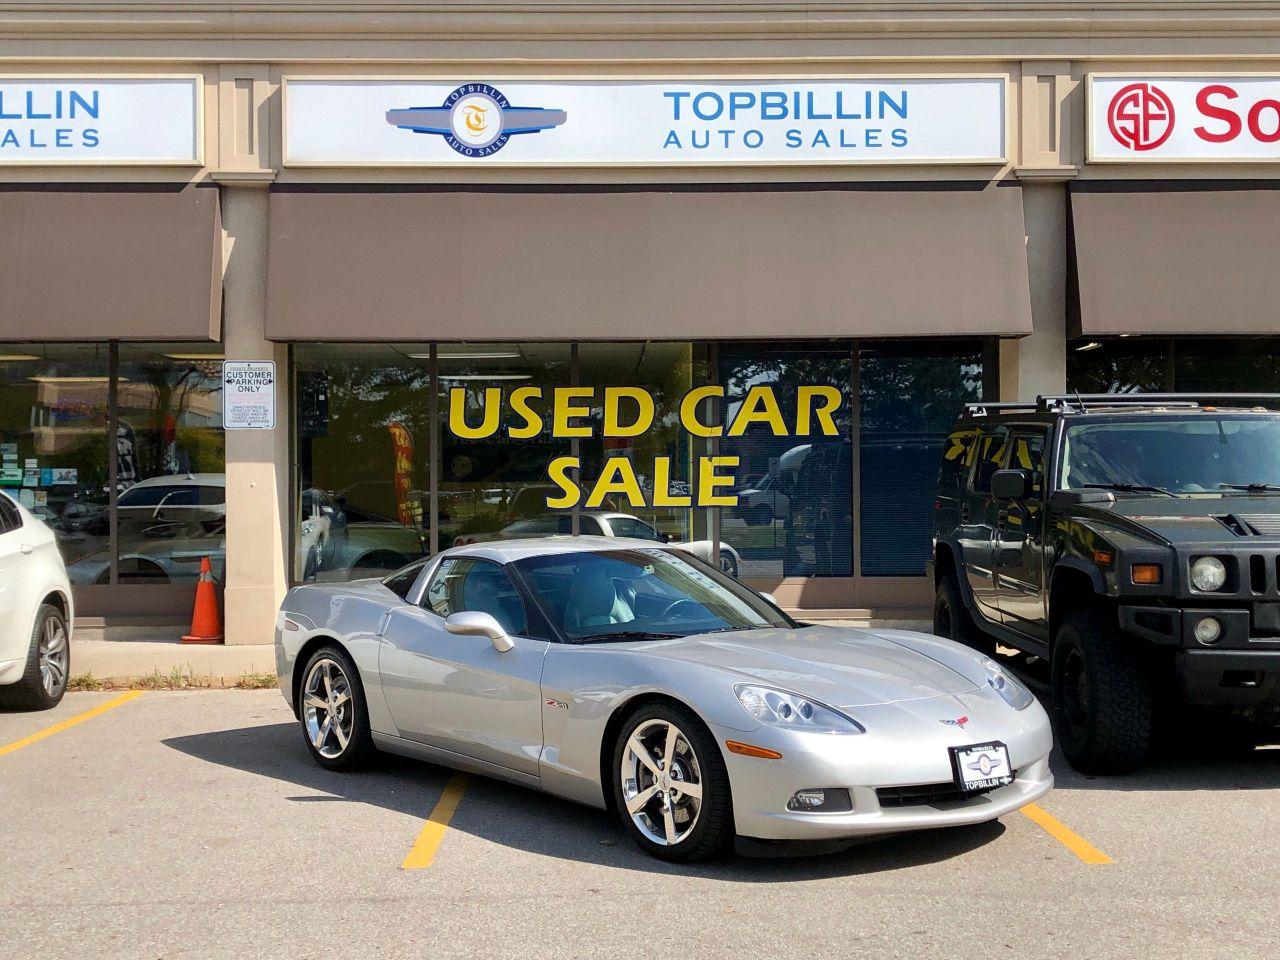 2005 Chevrolet Corvette Only 42K km, Navi, Like New Tires